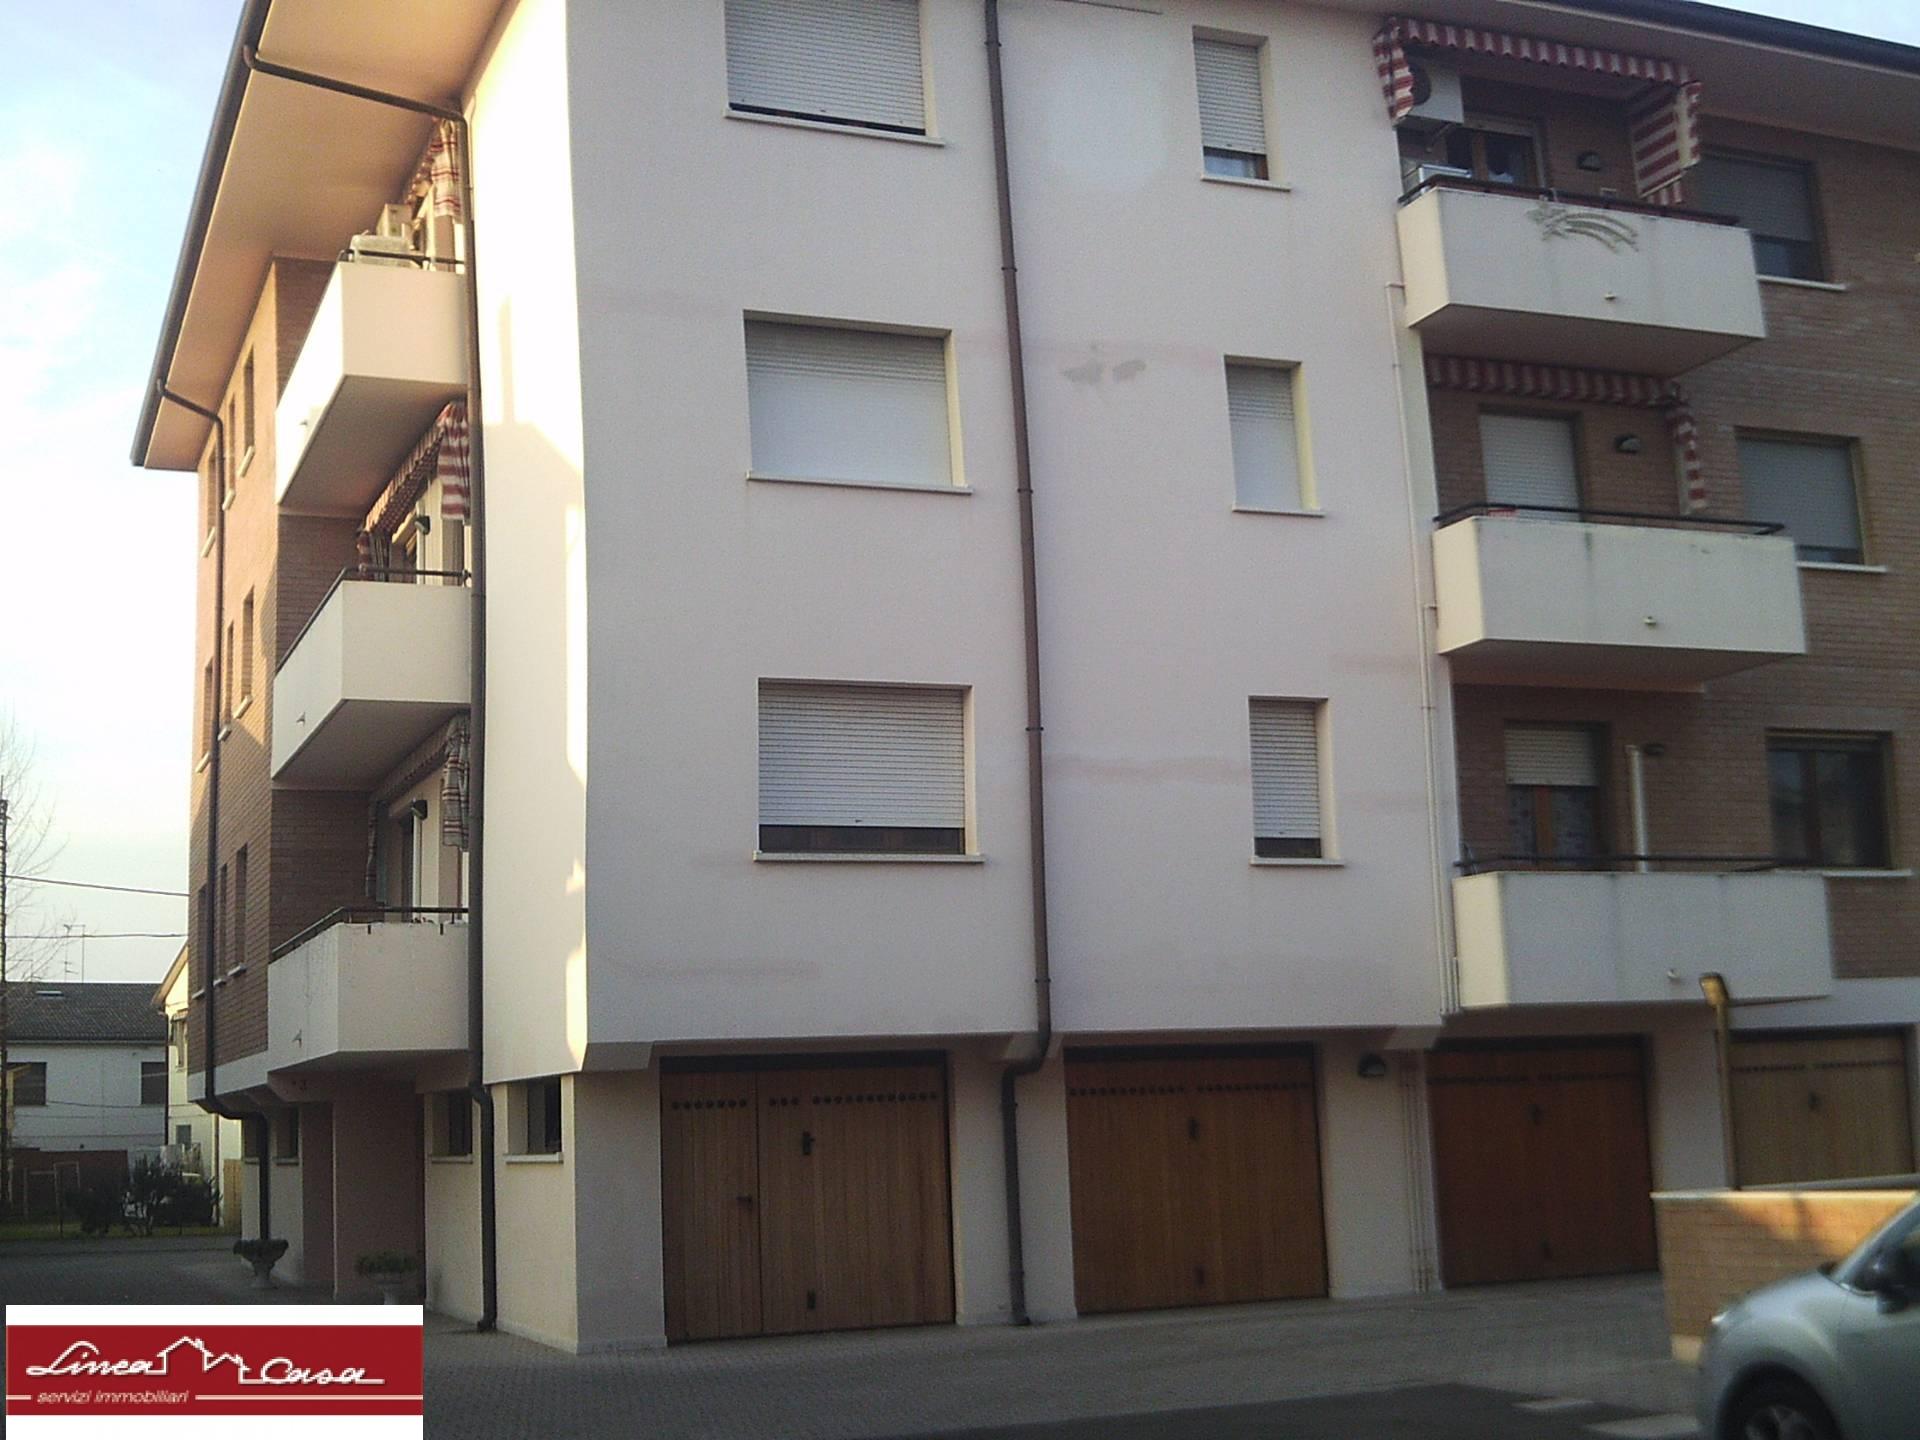 Appartamento in affitto a Portomaggiore, 4 locali, zona Località: Portomaggiore, prezzo € 350 | Cambio Casa.it